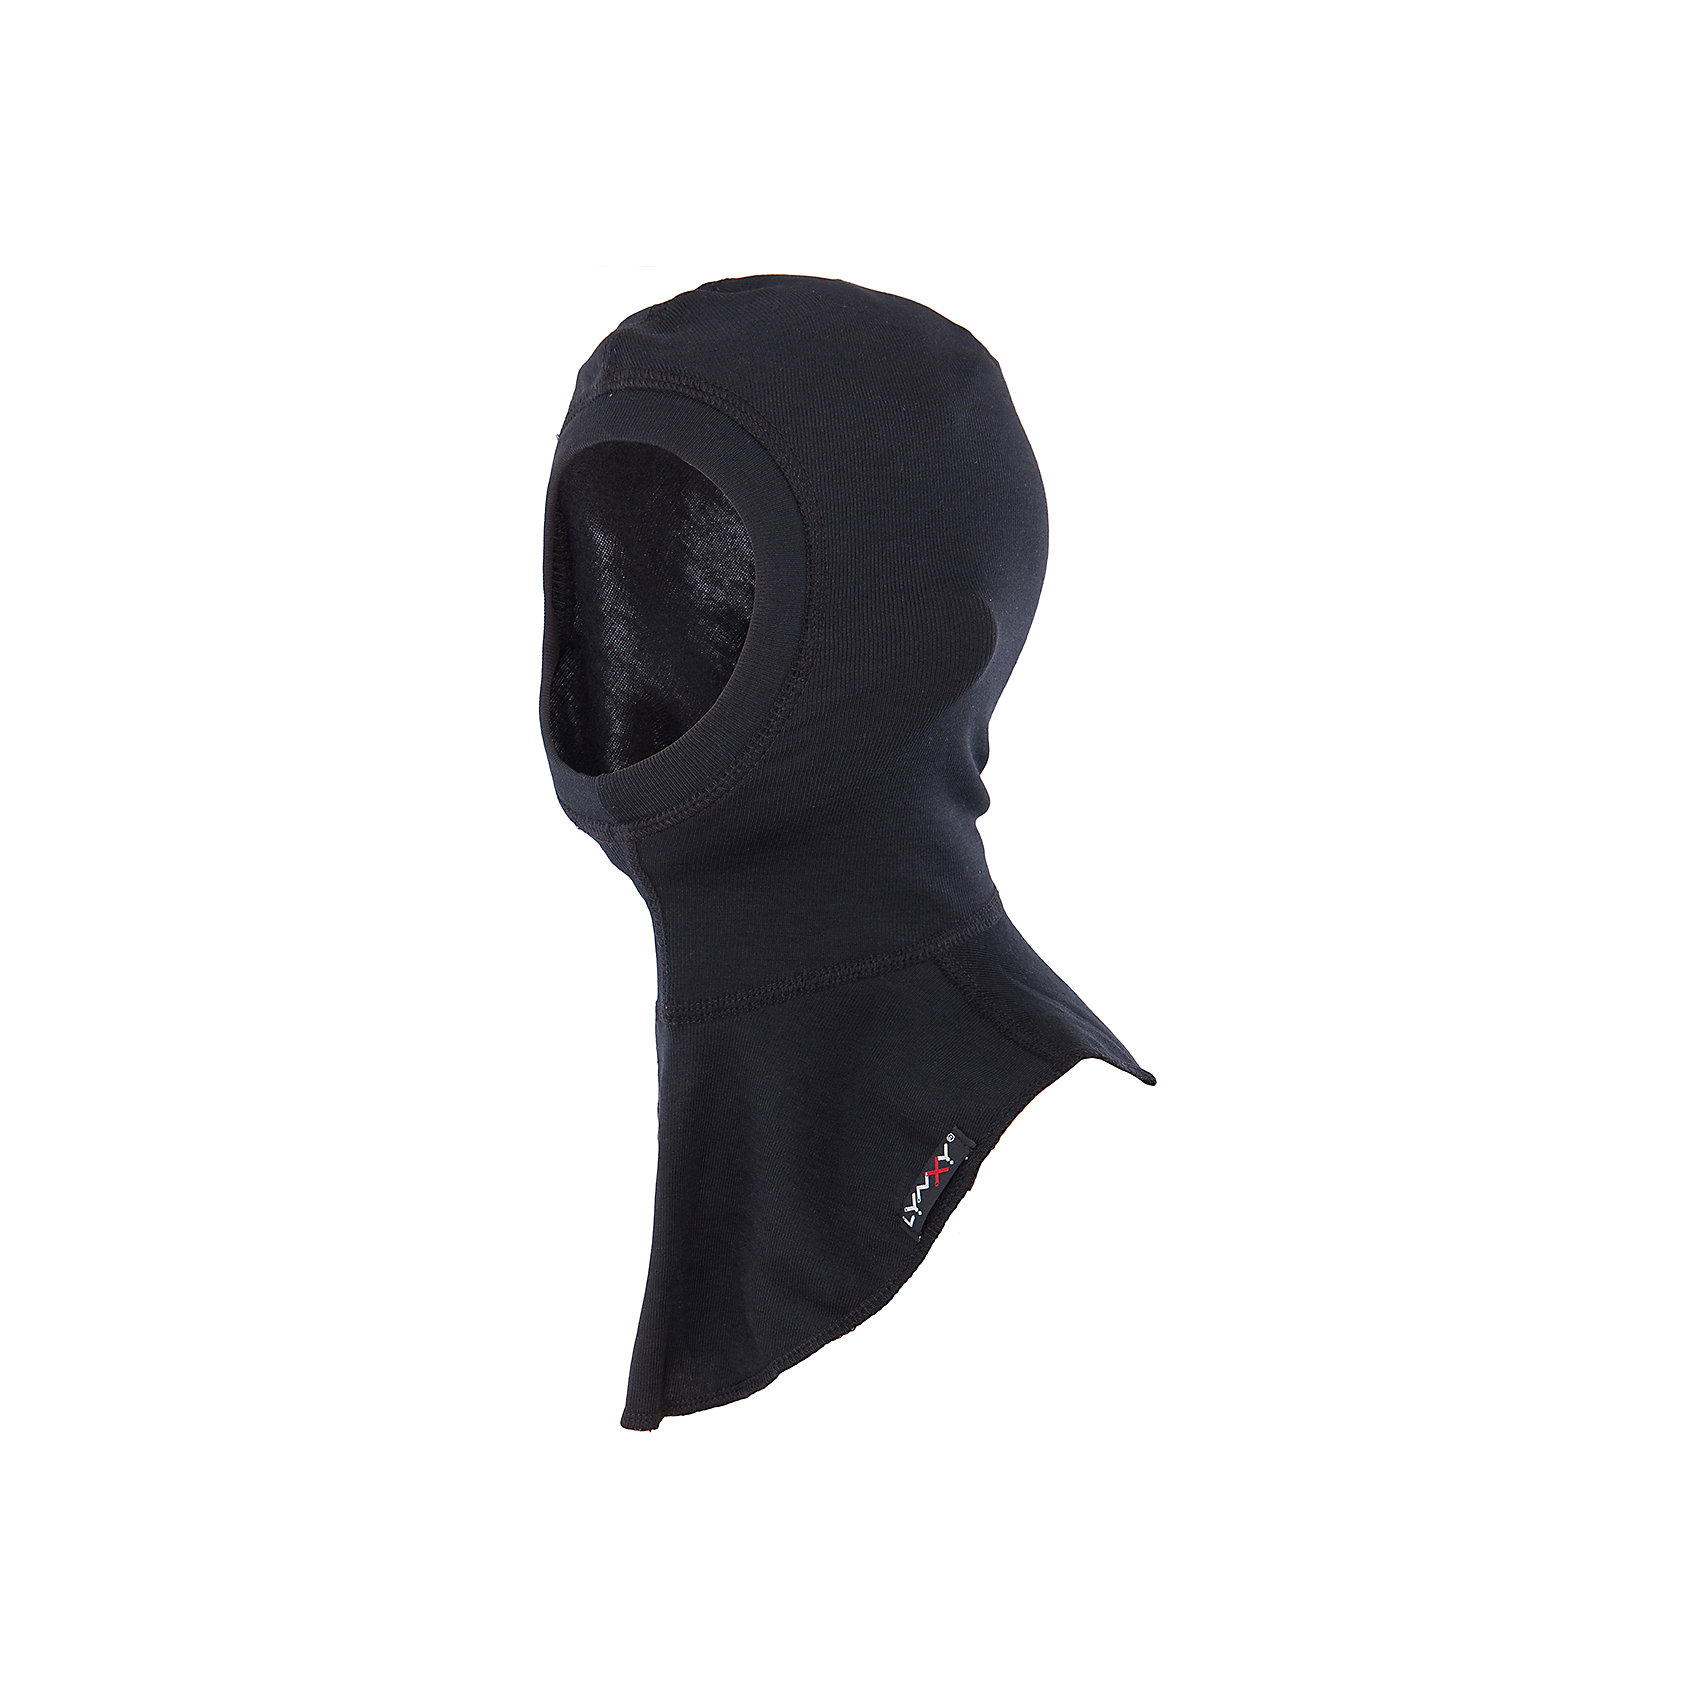 Шапка-шлем LynxyШапка-шлем от известного бренда Lynxy.<br>Детский подшлемник выполнен из мягкого термополотна Trevira с микроначесом с изнаночной стороны. Благодаря эластичному и мягкому полотну приятно к телу, плоские швы и эргономические лекала обеспечивают комфортное прилегание изделия. Идеально сохраняет тепло и выводит влагу, позволяя коже оставаться сухой. Благодаря присутствию ионов серебра в структуре полотна, имеет противомикробные свойства. Идеально подходит для длительных прогулок и активных занятий спортом в холодное время года до - 30 градусов. Рекомендуется деликатная машинная стирка при температуре 40 градусов без предварительного замачивания.<br>Состав:<br>полиэстер 95%, вискоза 5%<br><br>Ширина мм: 89<br>Глубина мм: 117<br>Высота мм: 44<br>Вес г: 155<br>Цвет: черный<br>Возраст от месяцев: 60<br>Возраст до месяцев: 120<br>Пол: Мужской<br>Возраст: Детский<br>Размер: 54,52,56<br>SKU: 4971241